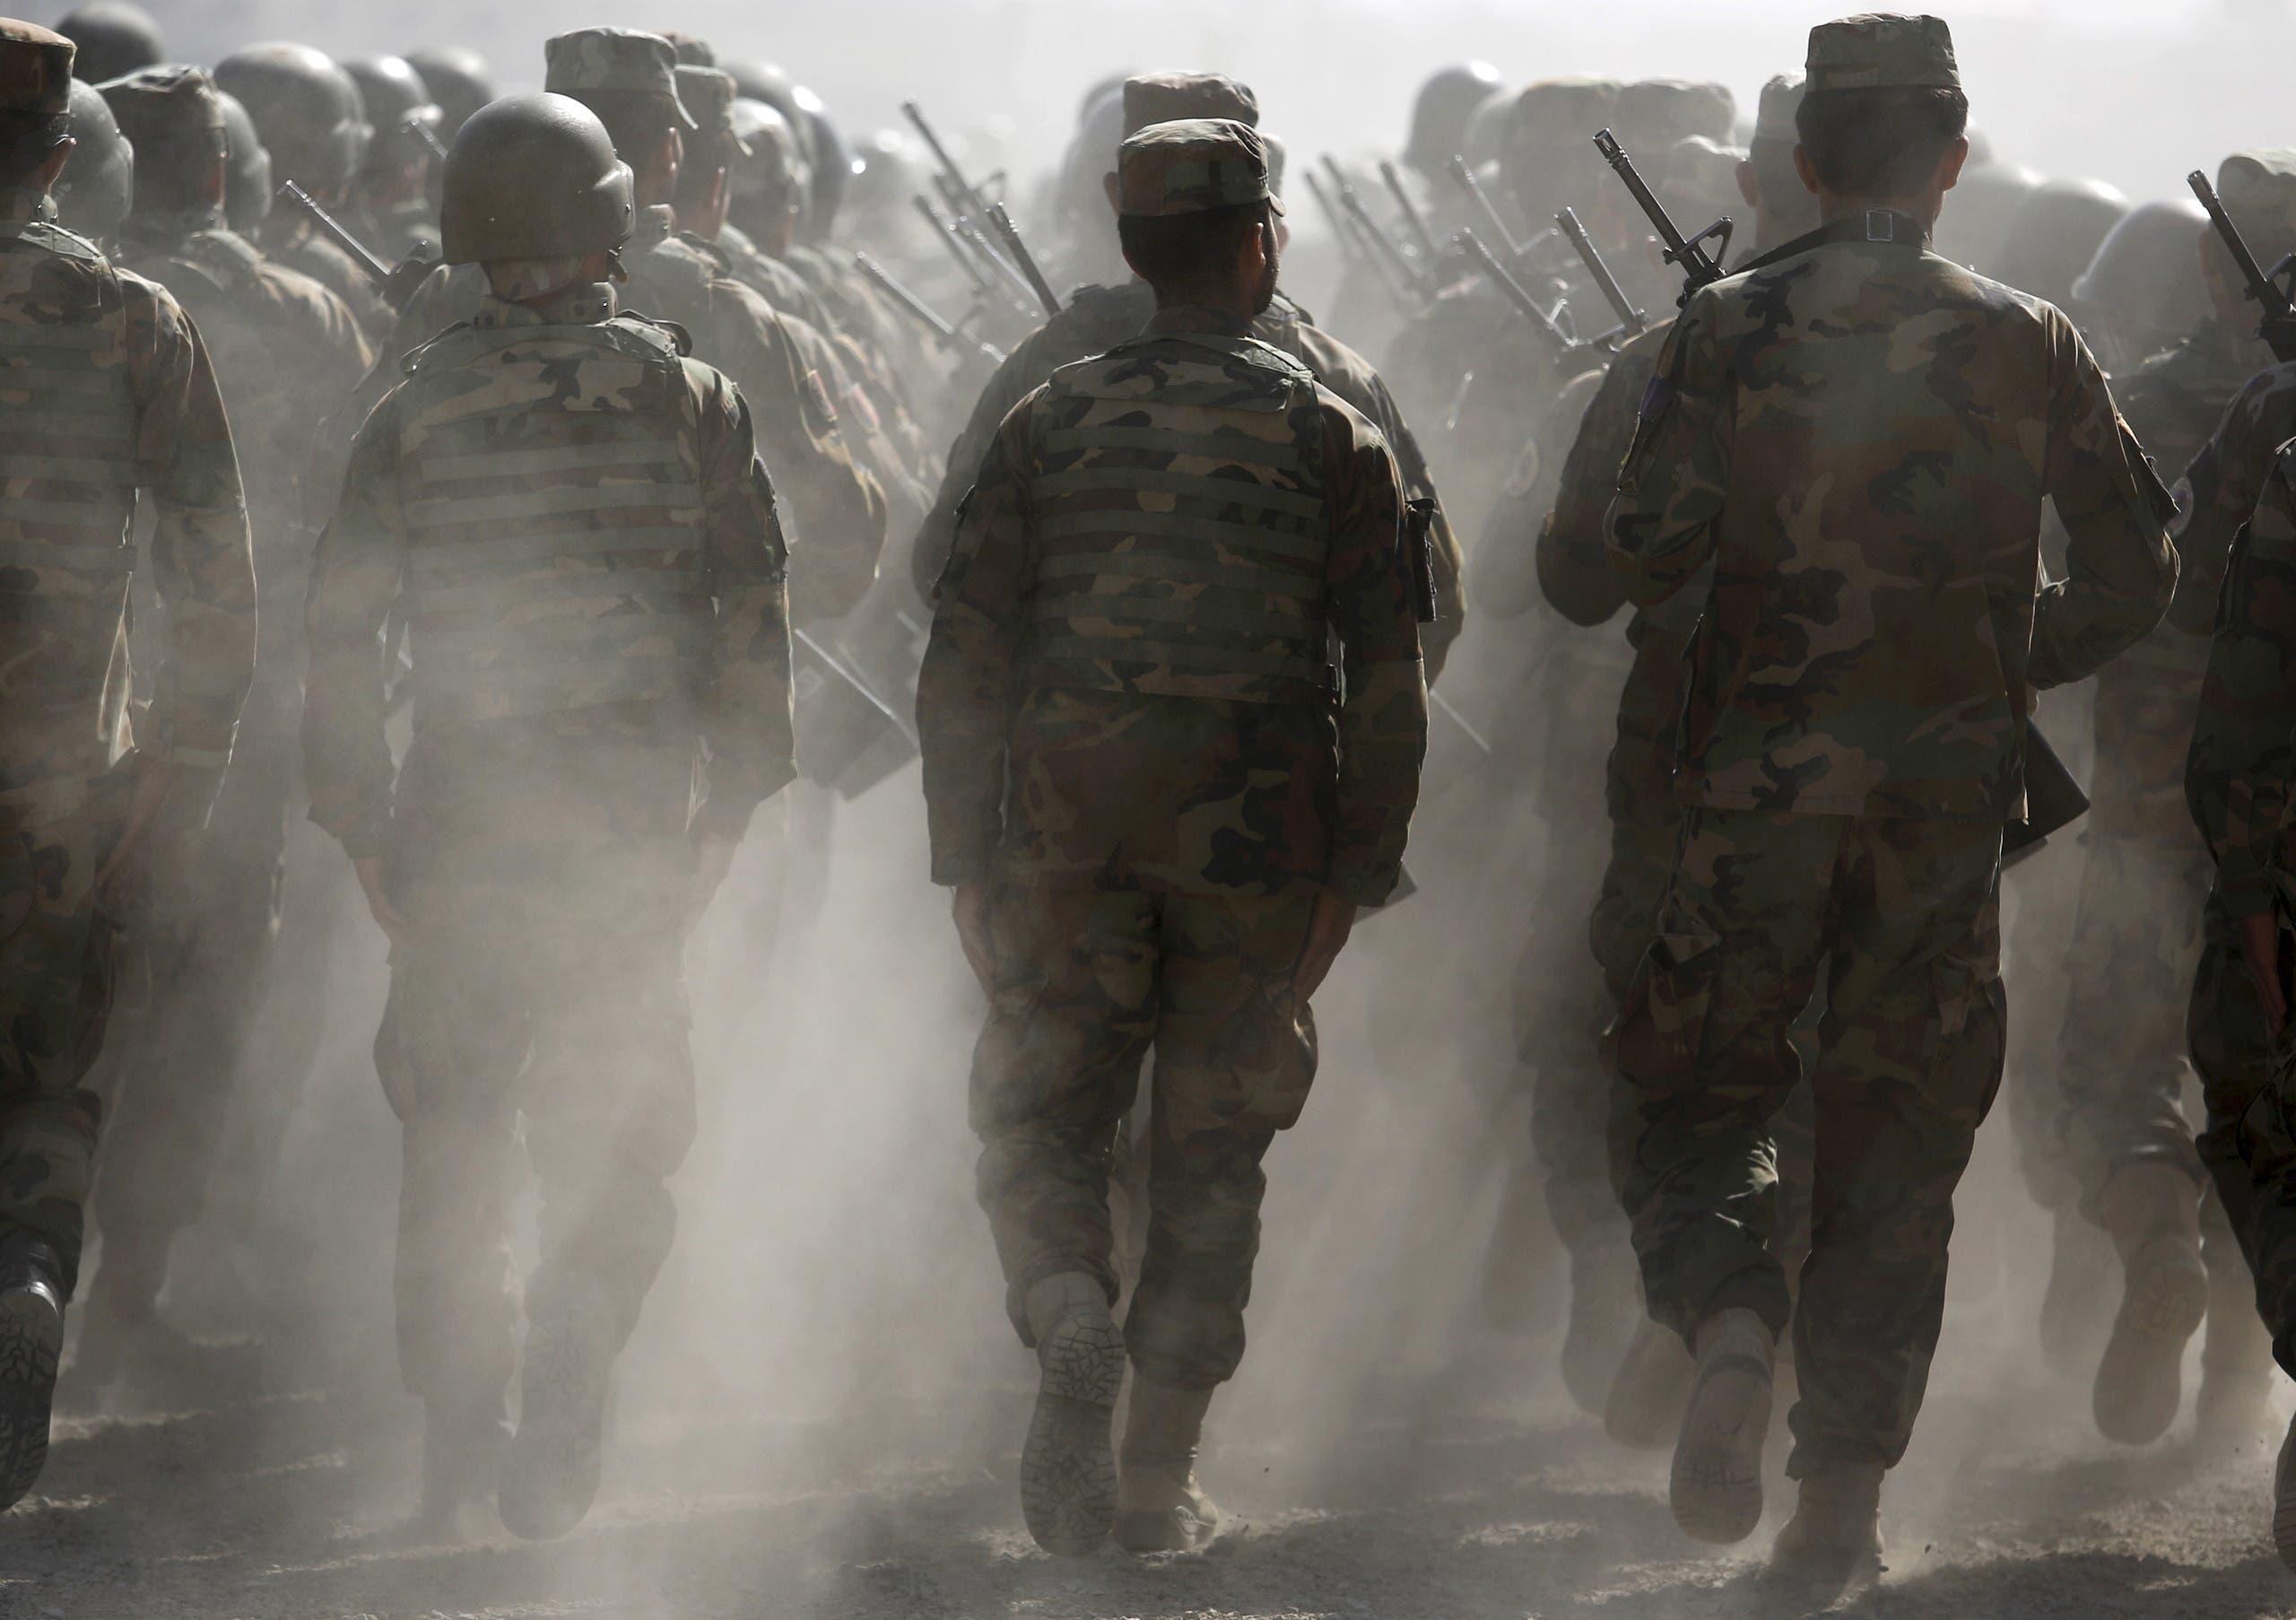 نیروهای امنیتی افغانستان (بایگانی)